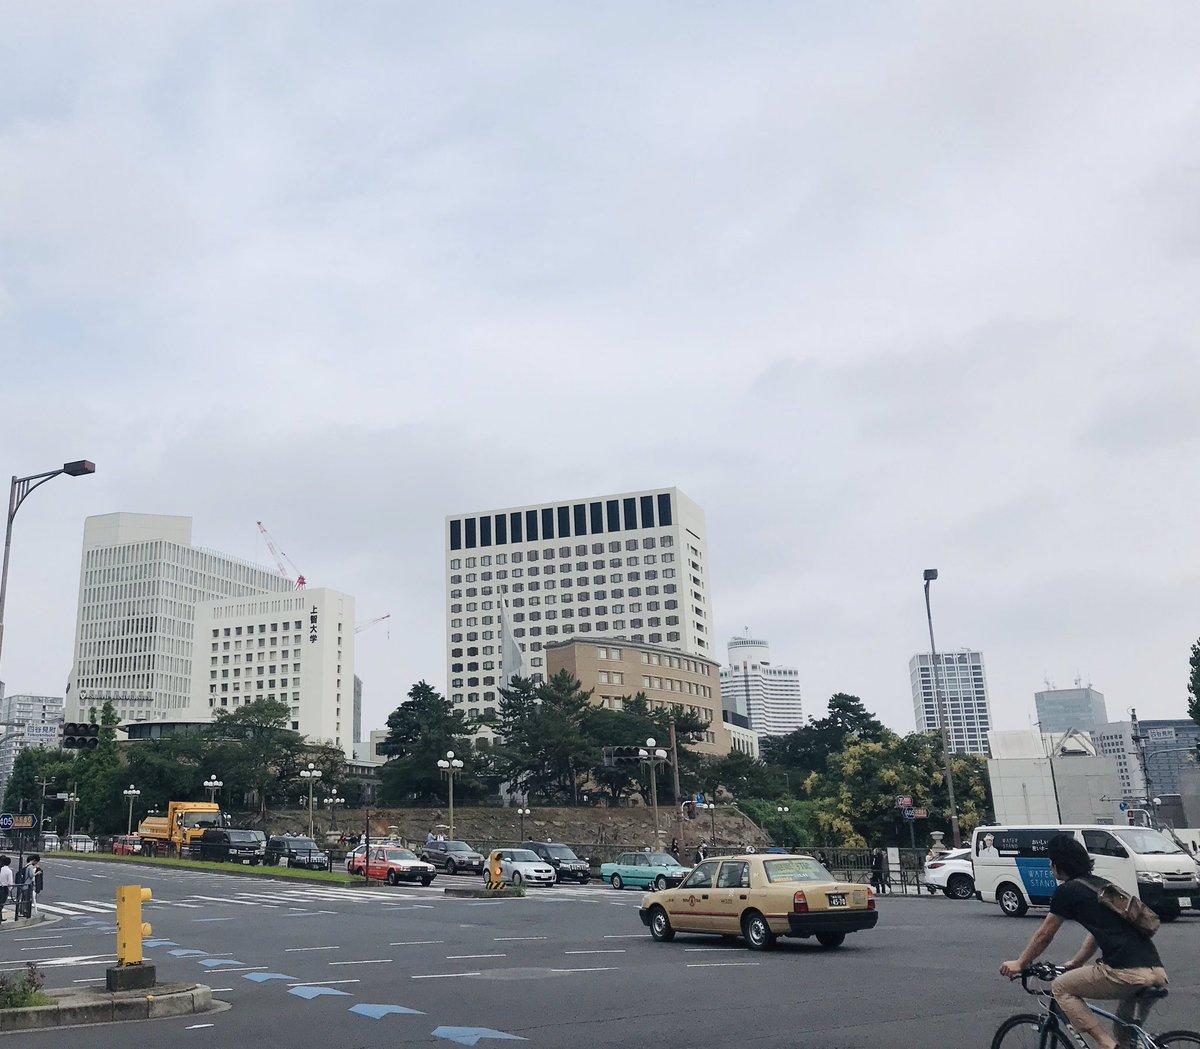 ここも空が広い、四谷見附交差点。 #四谷見附 #四谷 #上智大学 https://t.co/8YEtVNI4MH